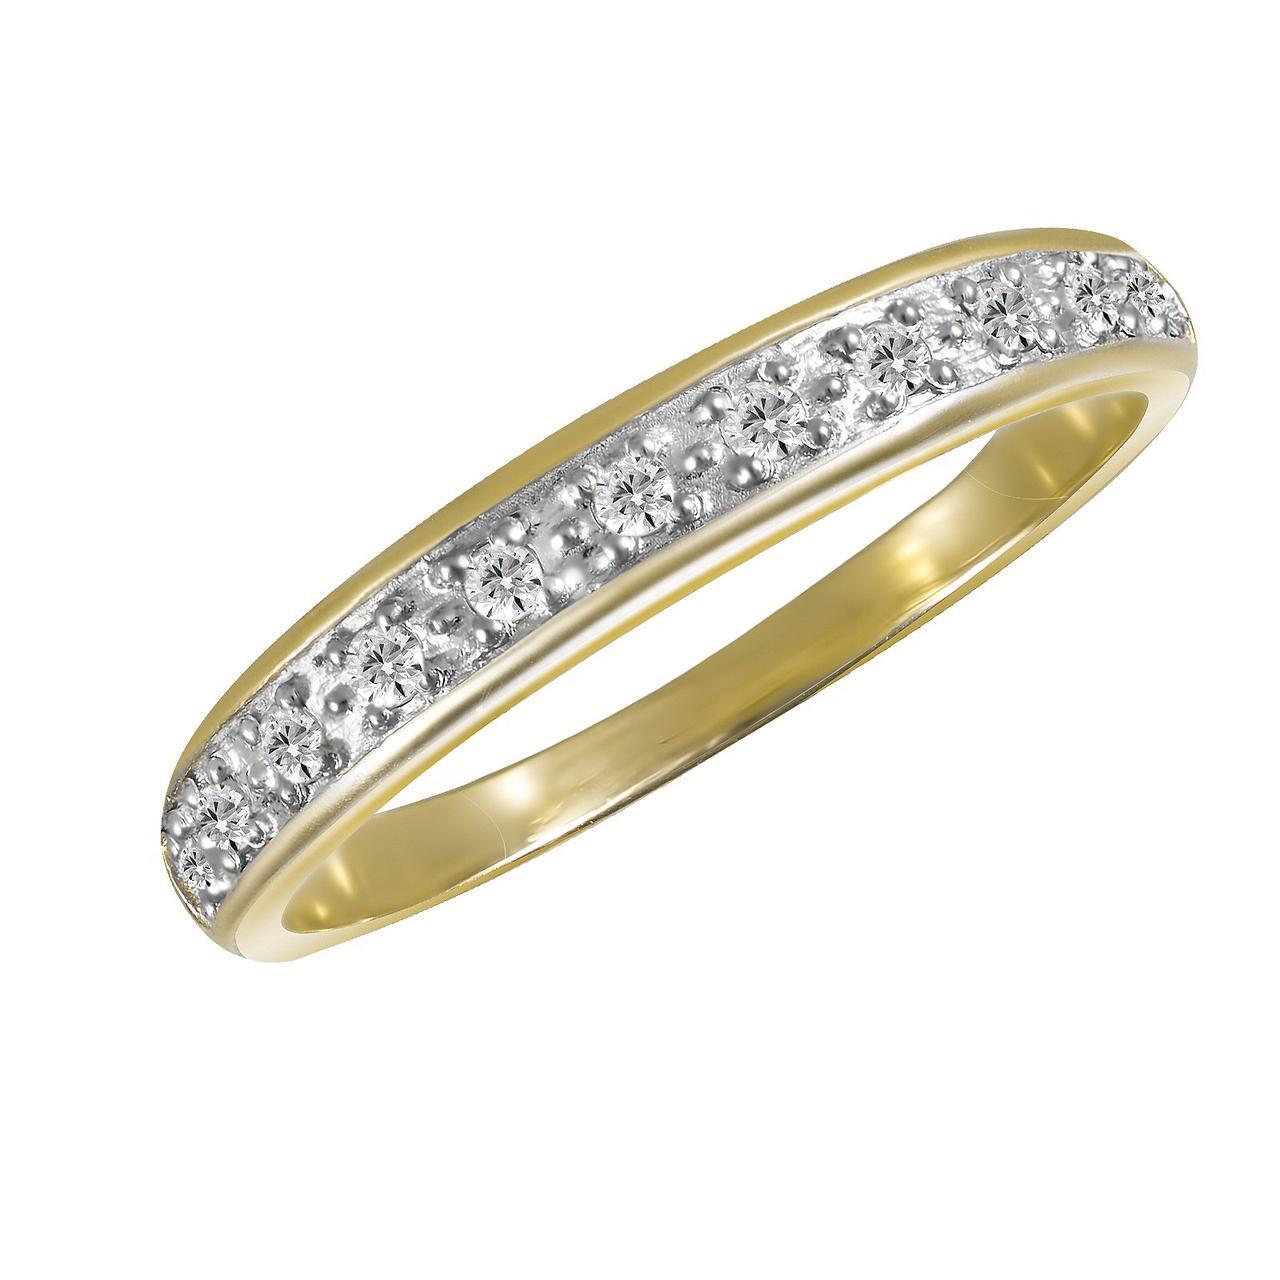 Золотое кольцо с бриллиантами, размер 16.5 (1663024)